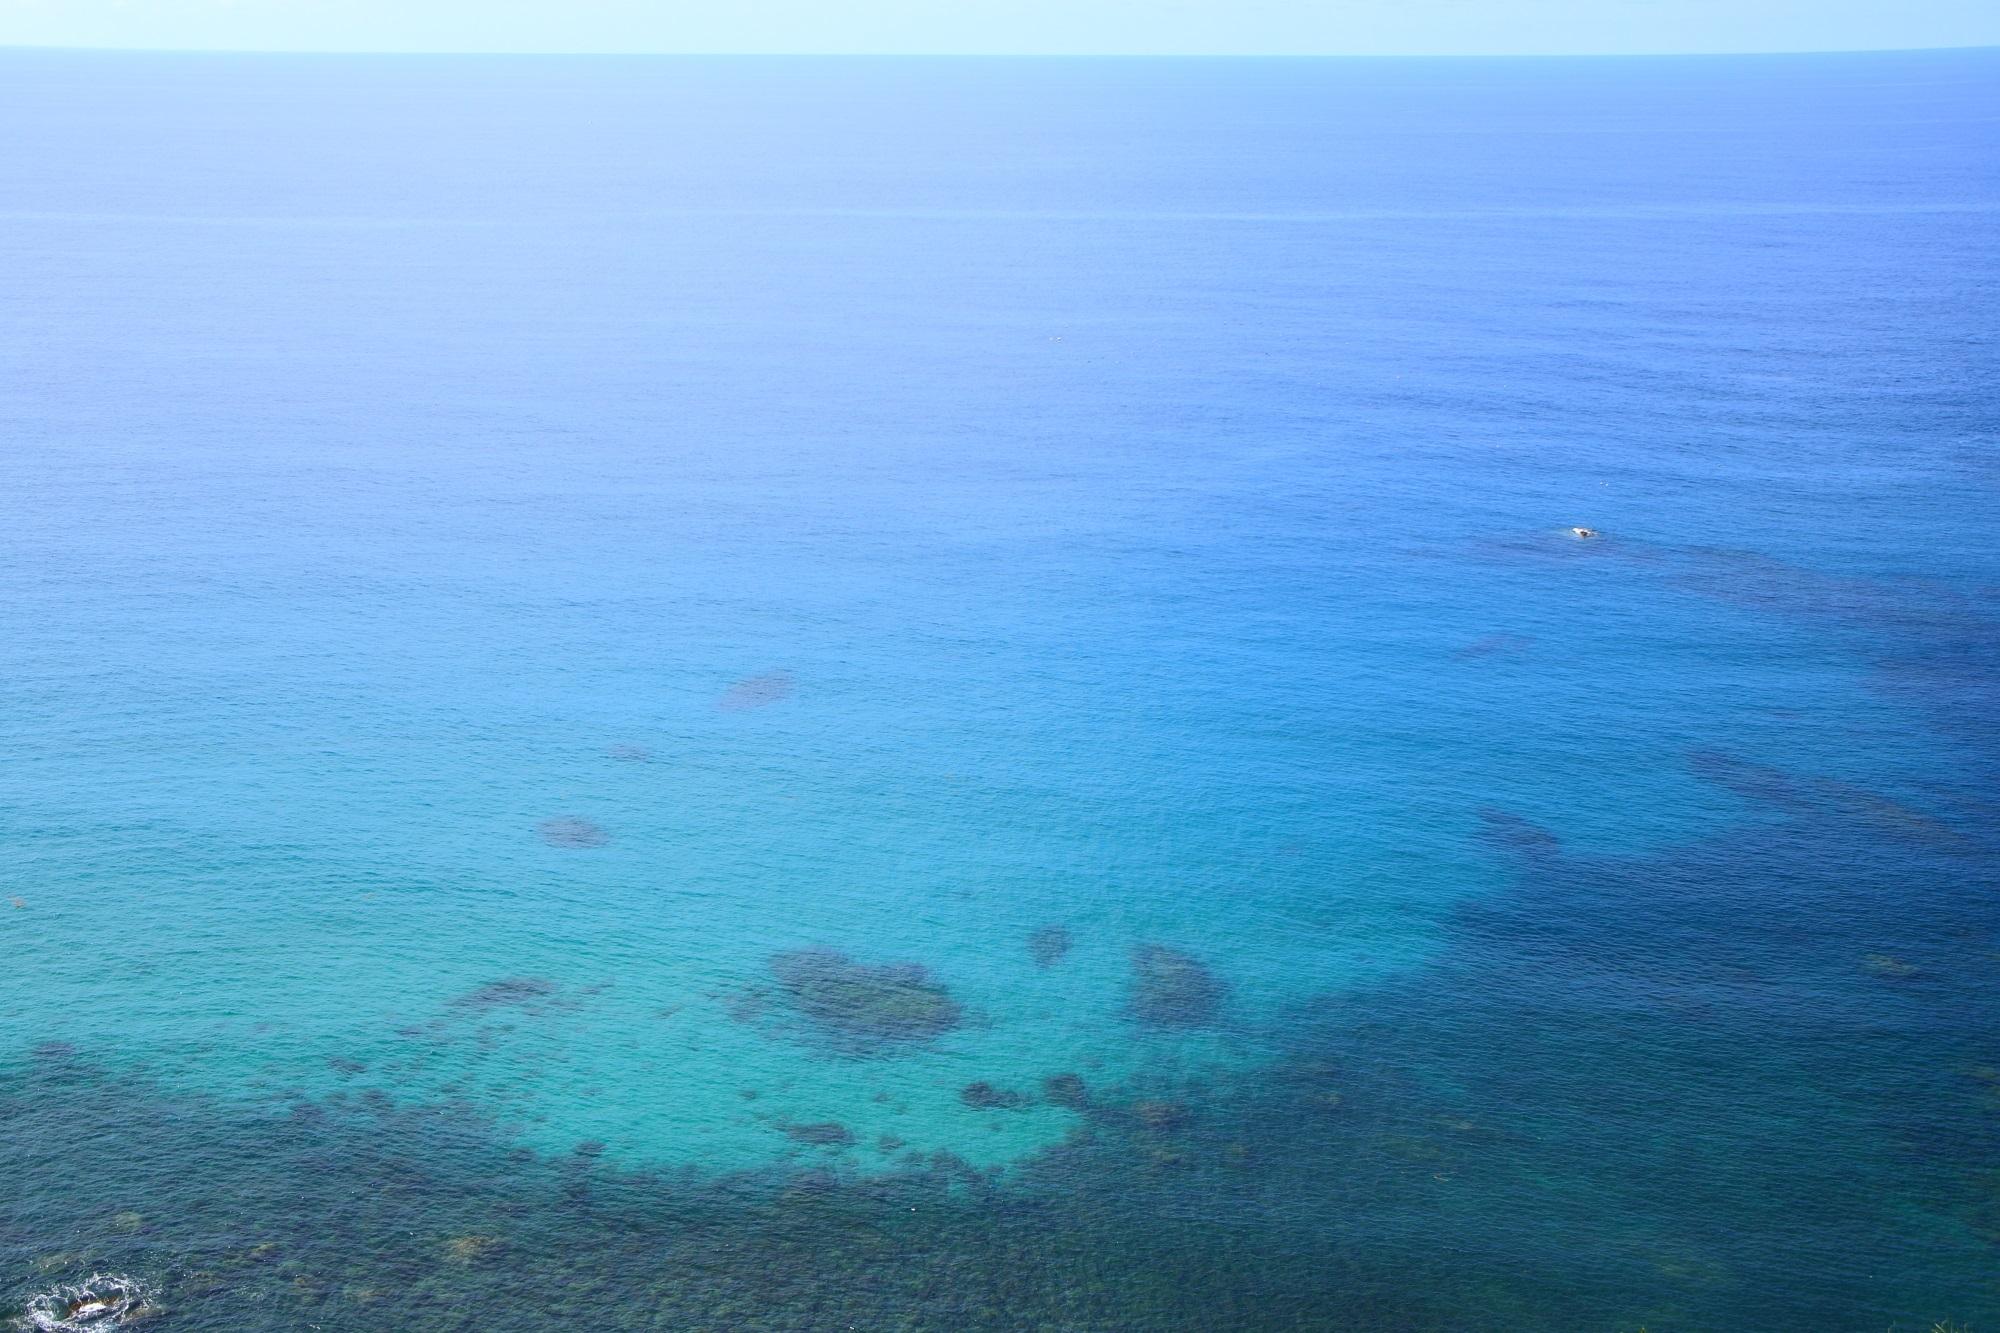 犬ヶ岬の京都とは思えない美しい日本海